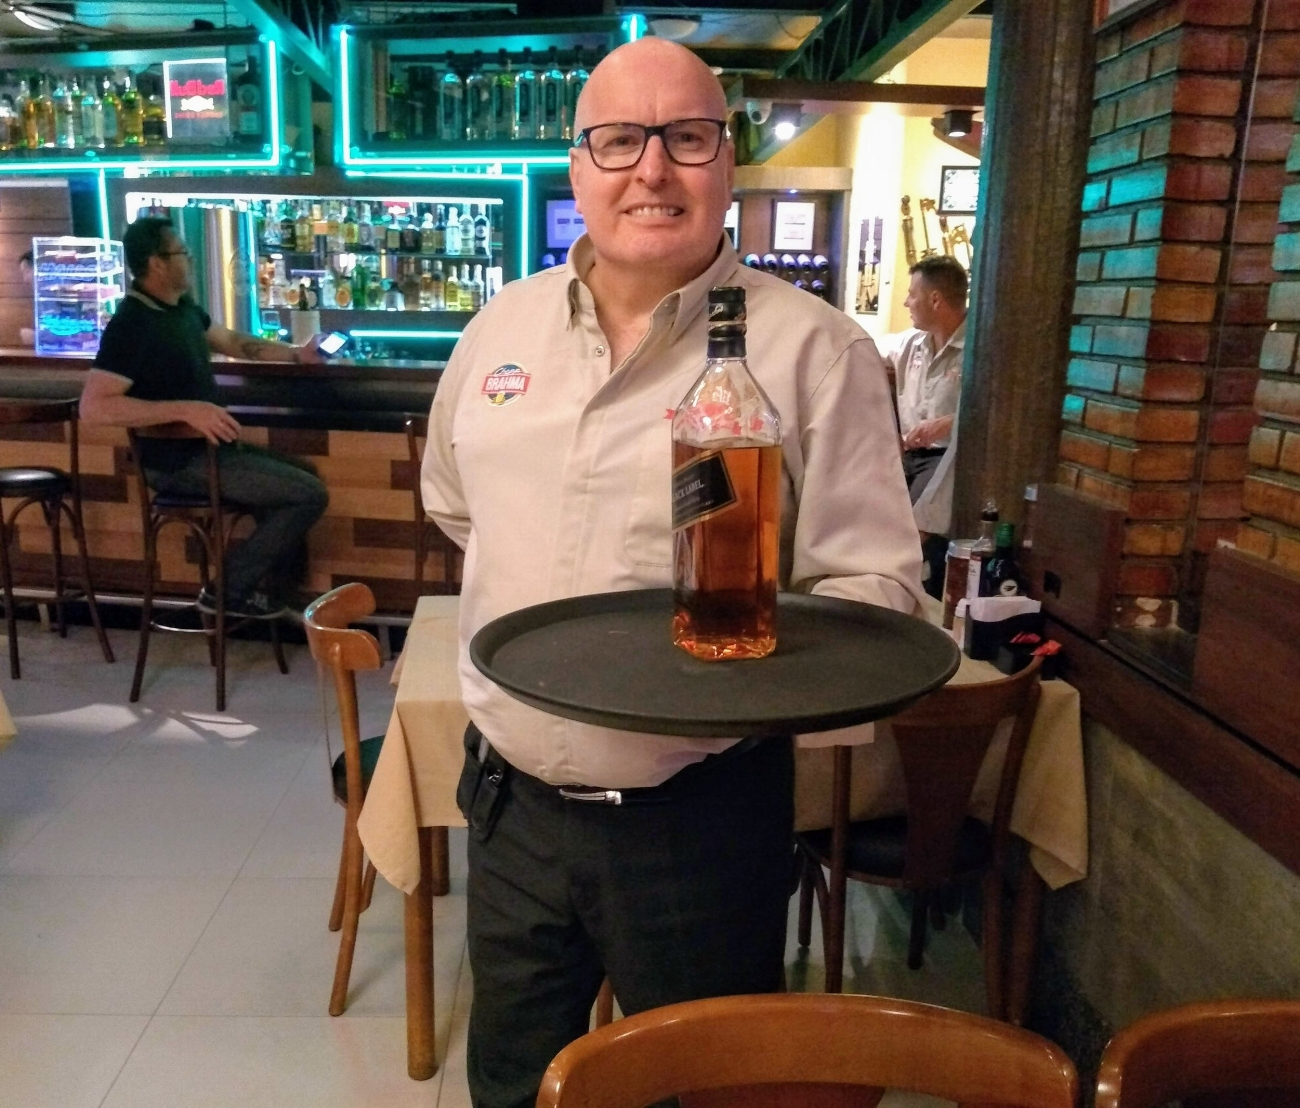 No dia 22 de outubro, Dinarte Valentini atenderá pela última vez no Bar do Beto, onde começou a trabalhar em 1992. A biografia será lançada em dezembro (Foto/Rua da Margem)